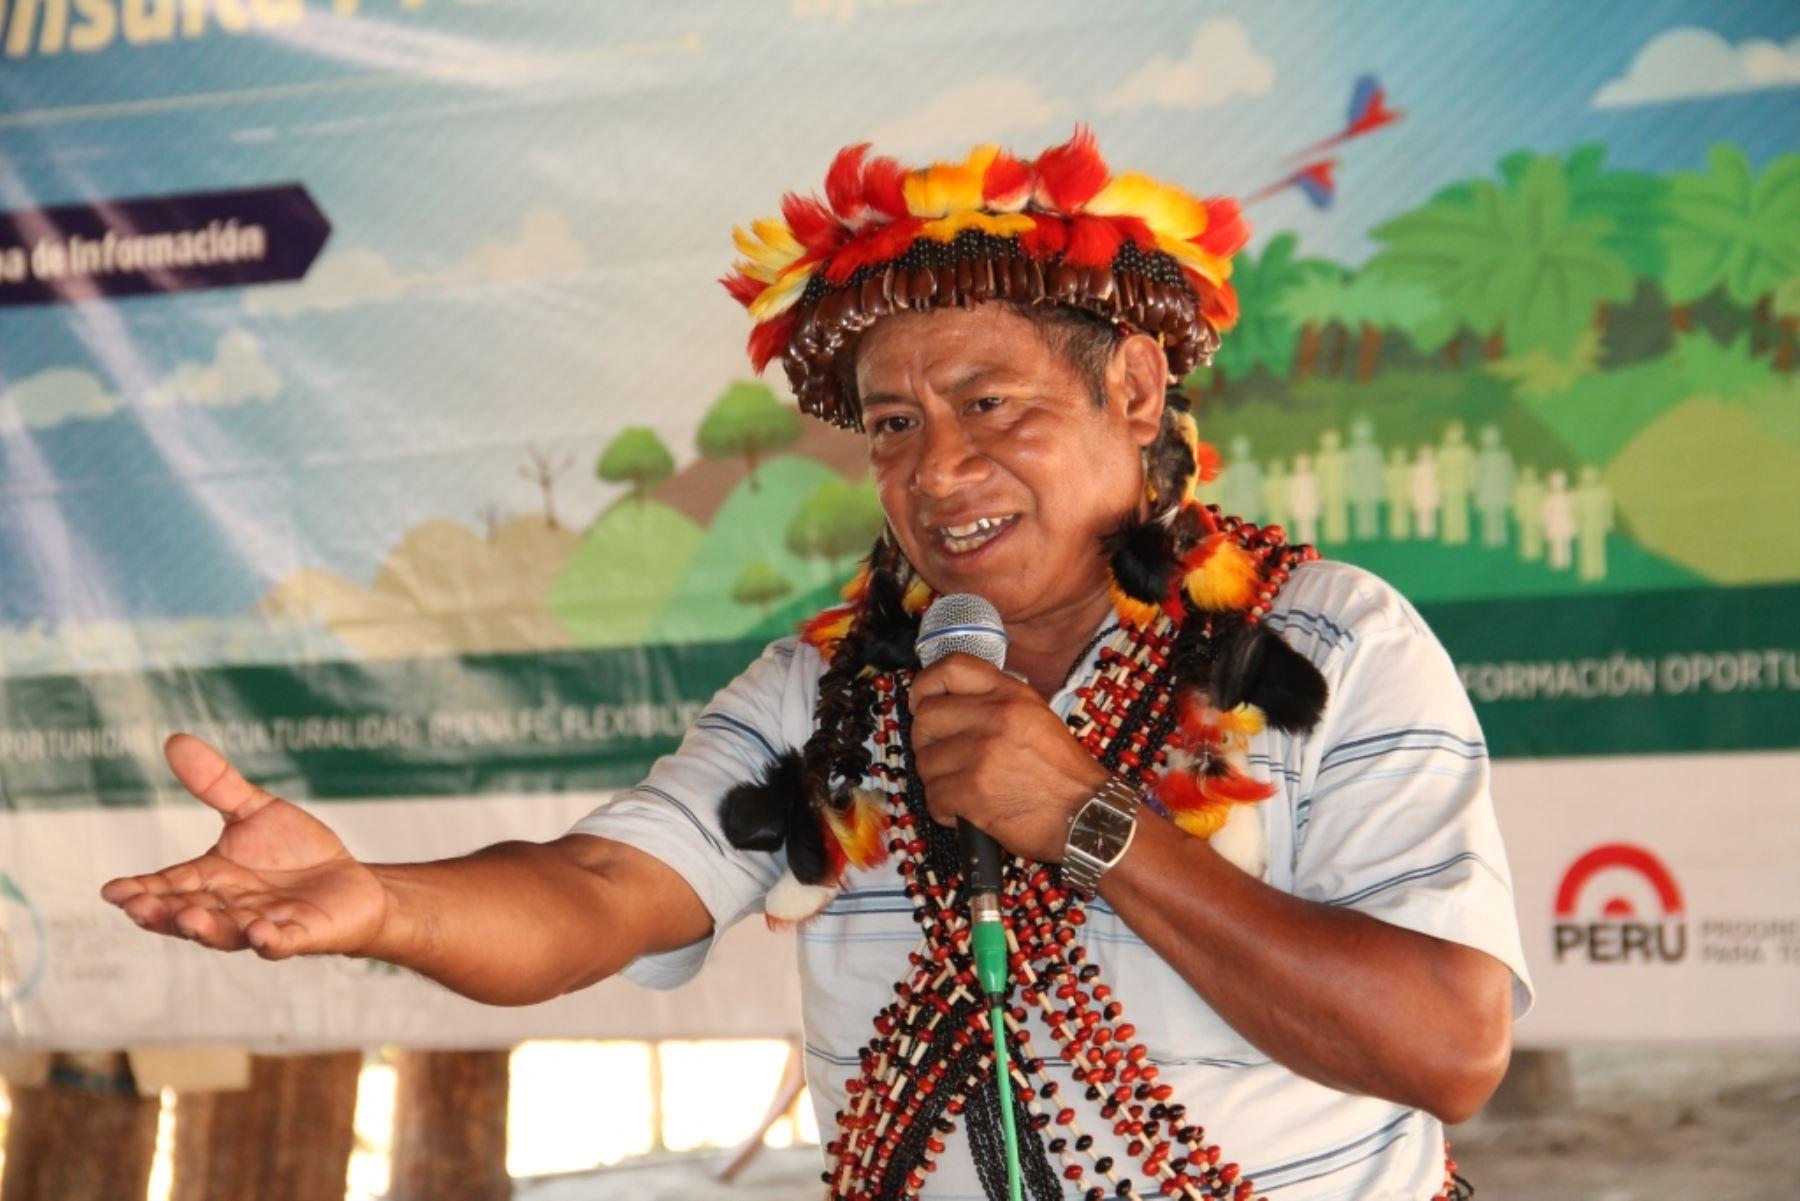 Representante de pueblo originario participó en proceso de consulta previa en Lamas, región San Martín.